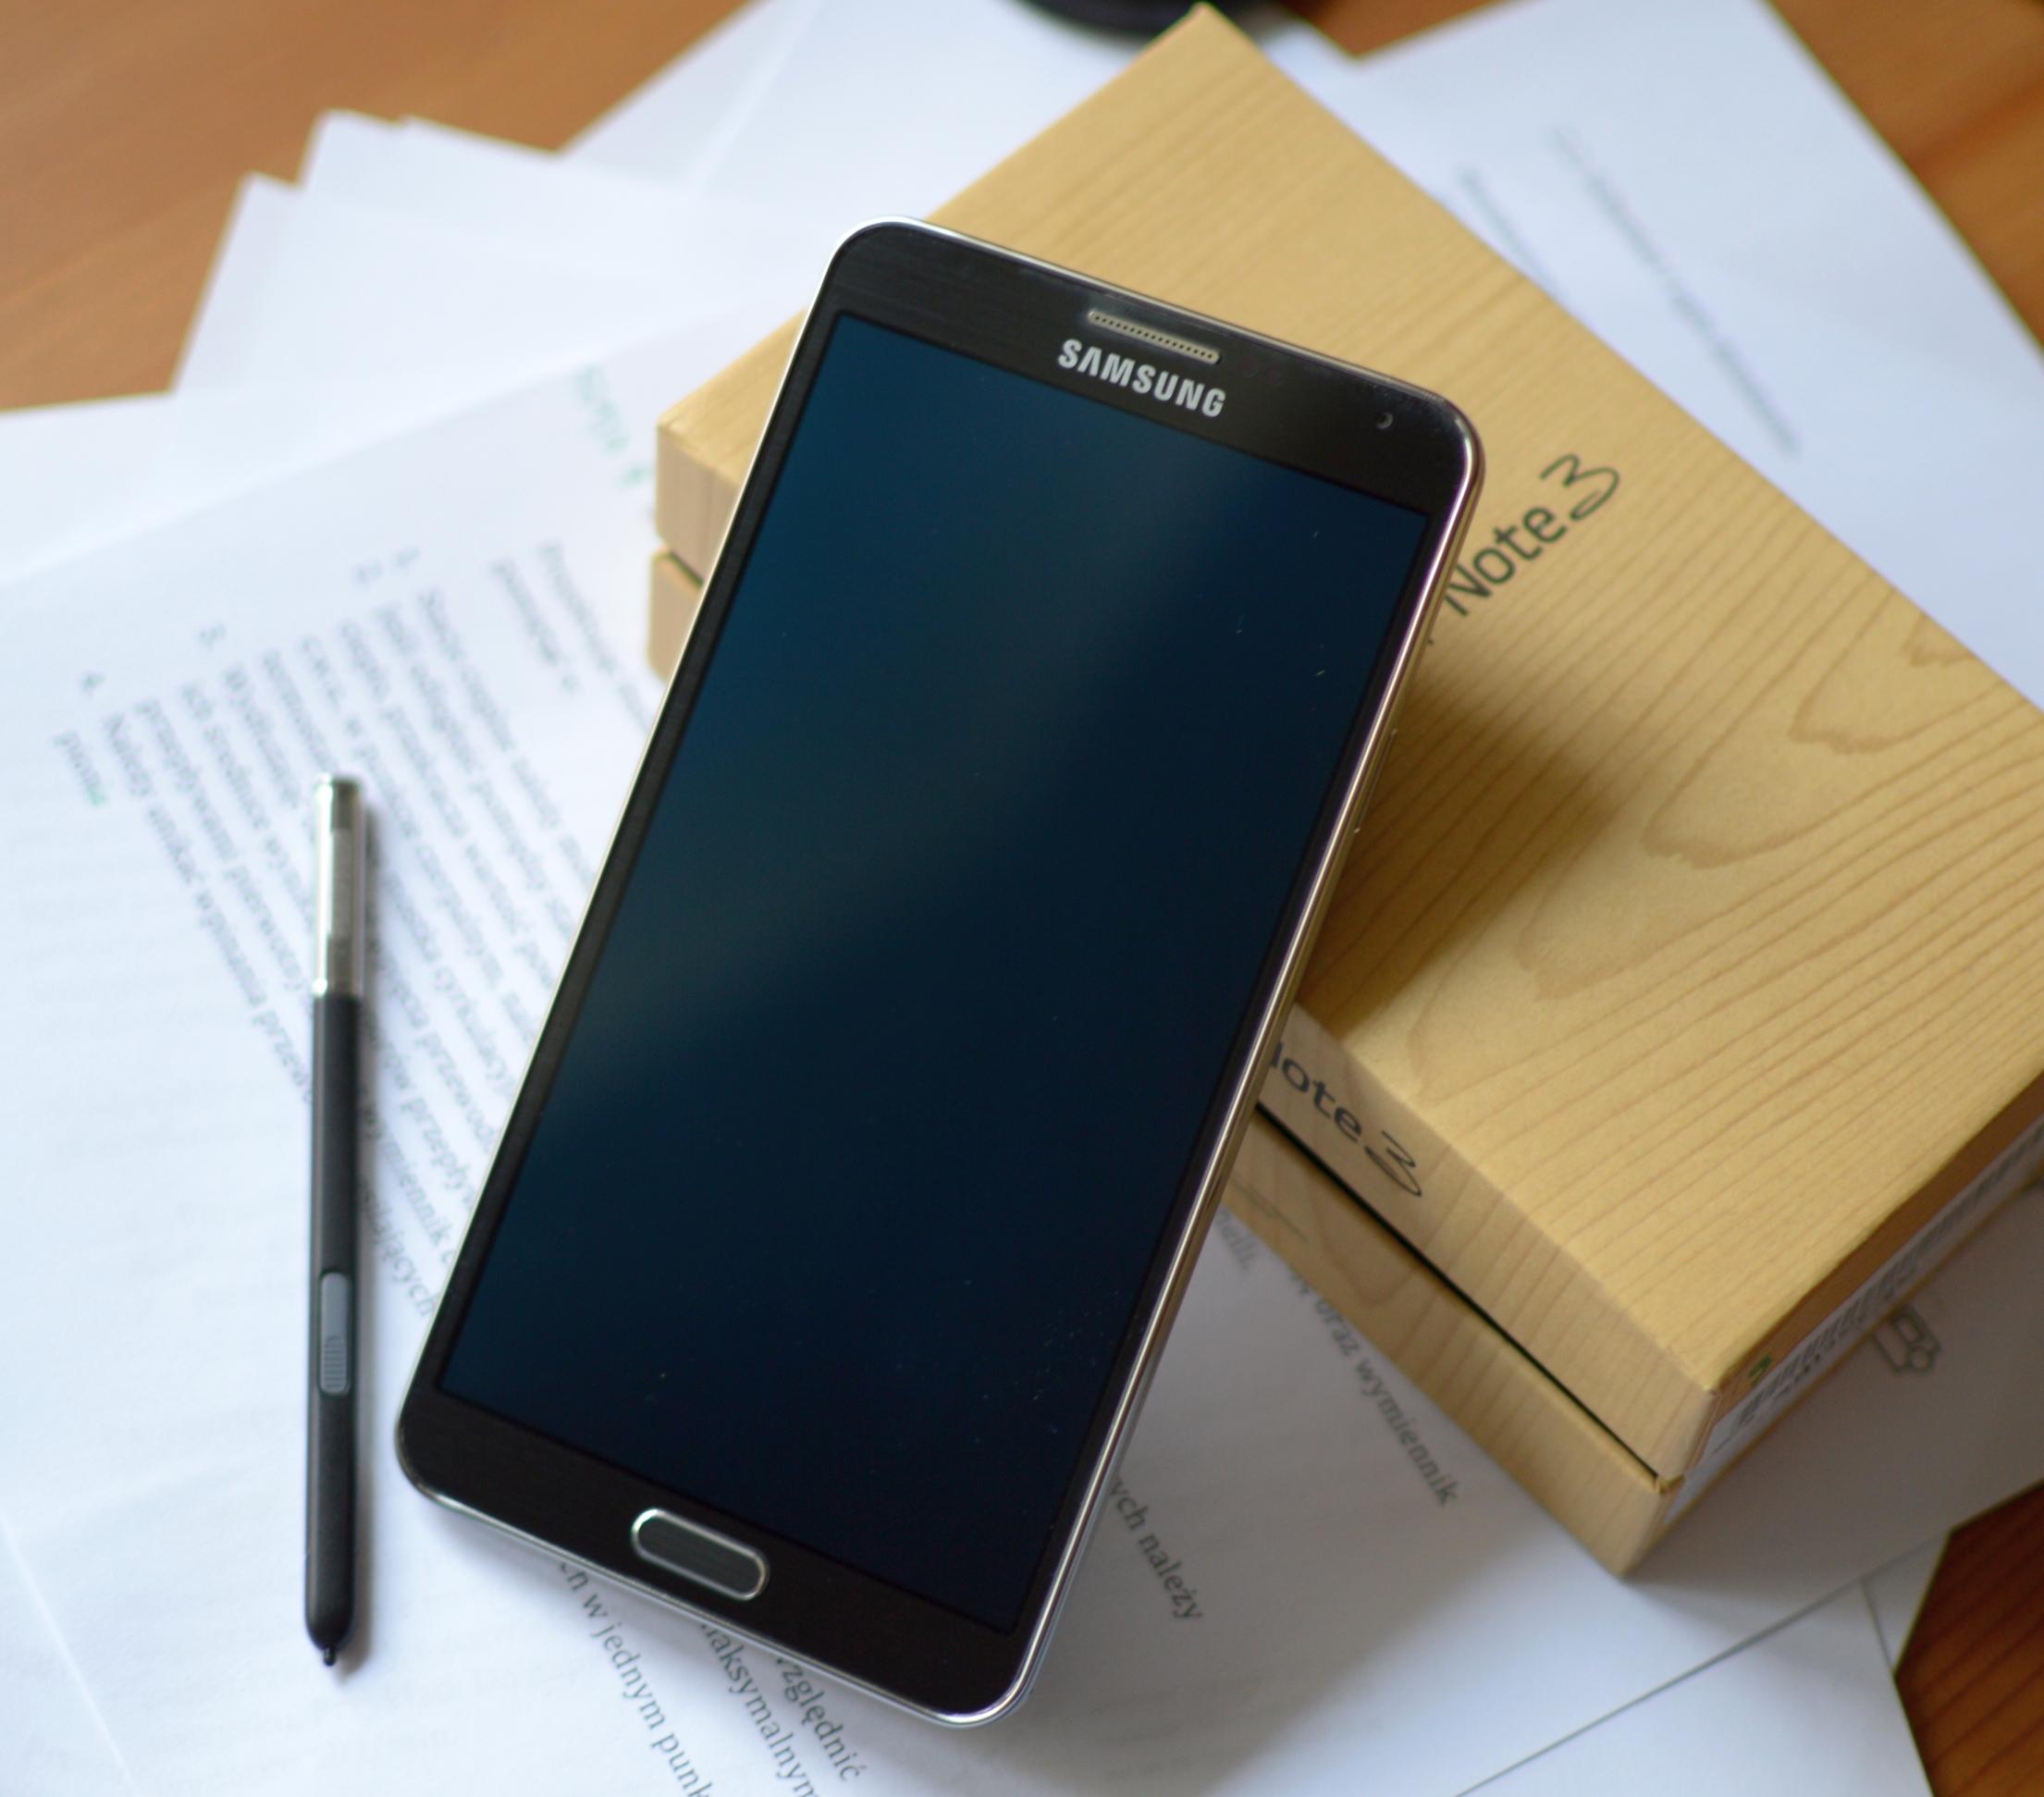 Producenci nie musza nas już przekonywać do wielkich telefonów. I tak je kochamy